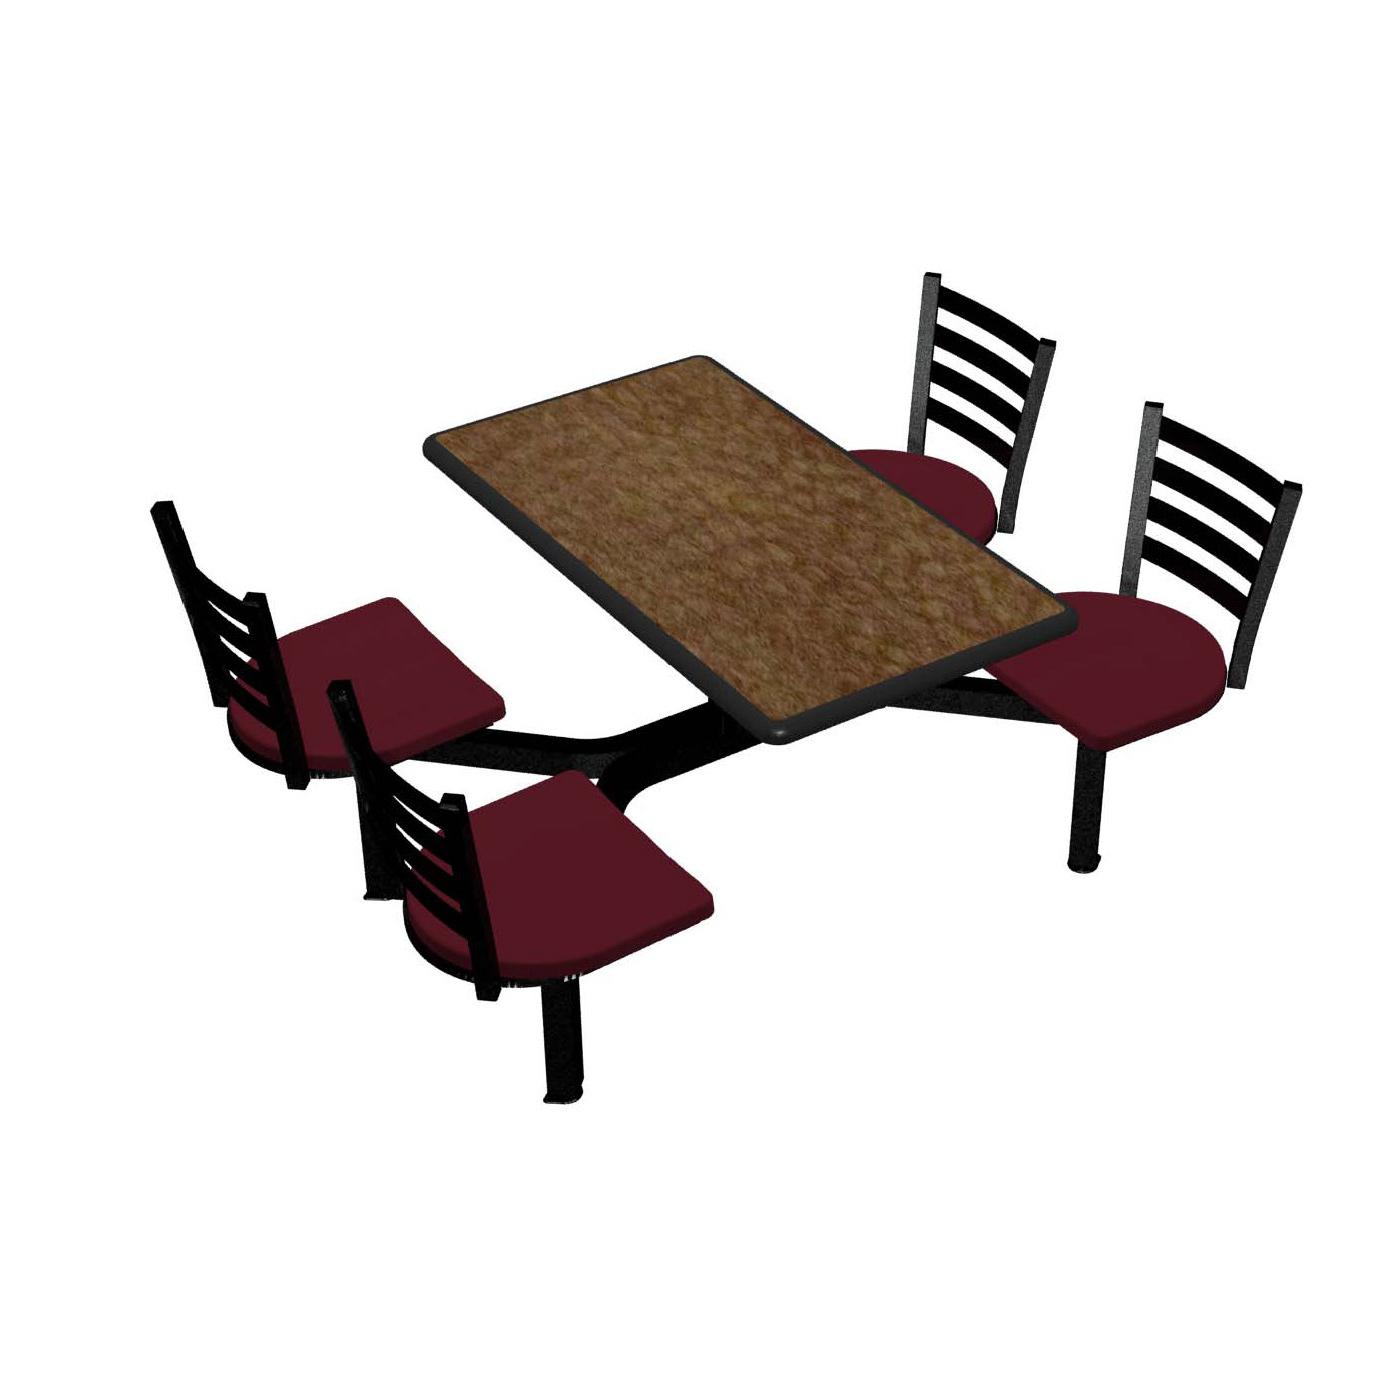 Plymold CEIS004DEEN cluster seating unit, indoor